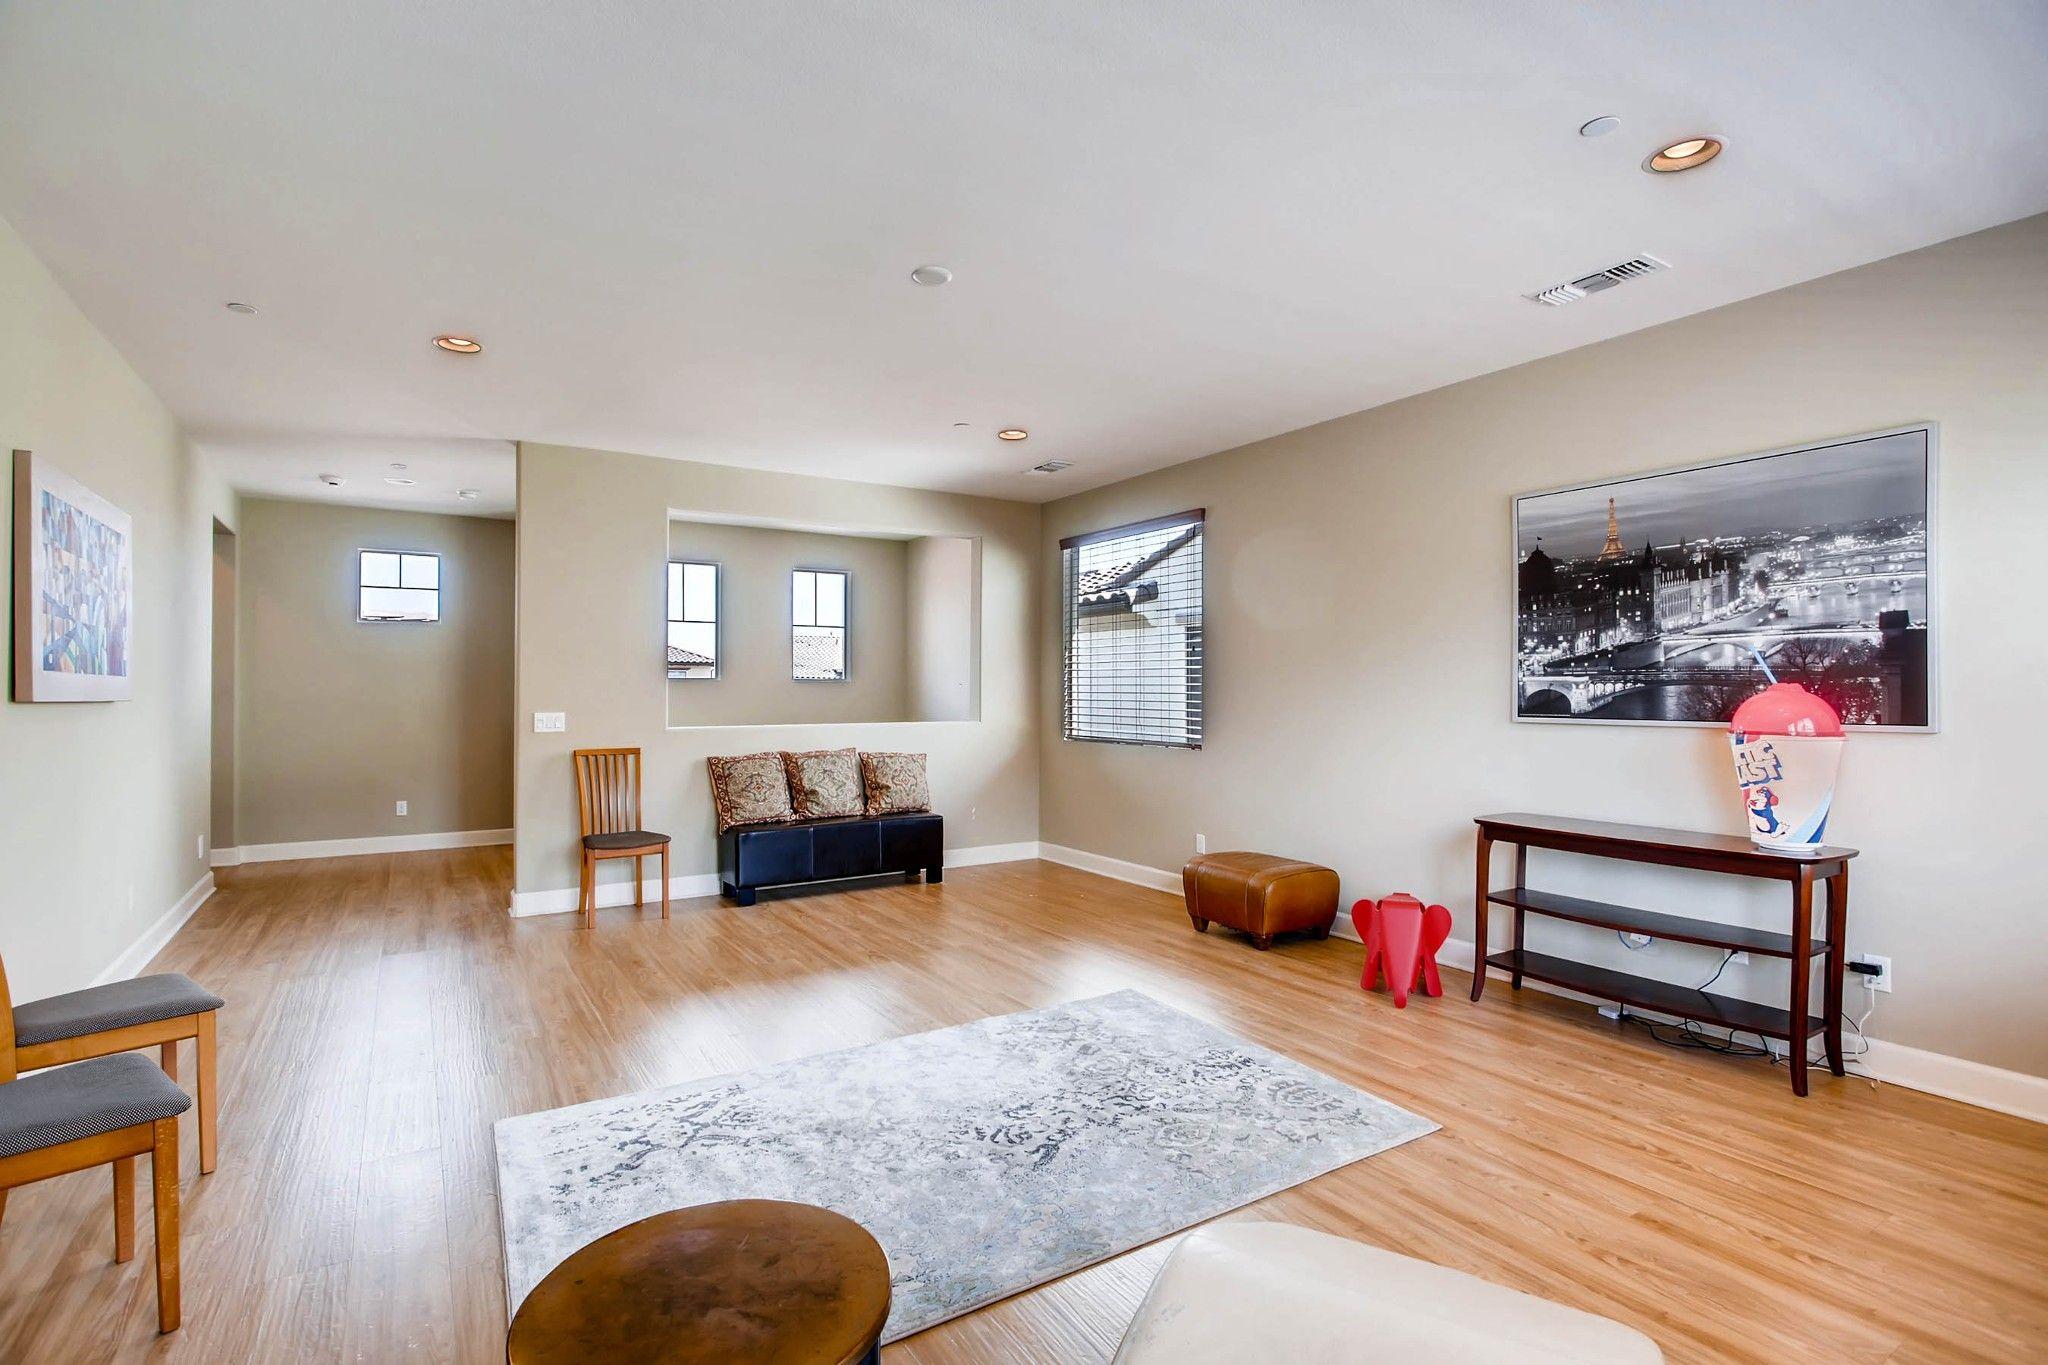 Photo 22: Photos: Residential for sale : 5 bedrooms : 443 Machado Way in Vista